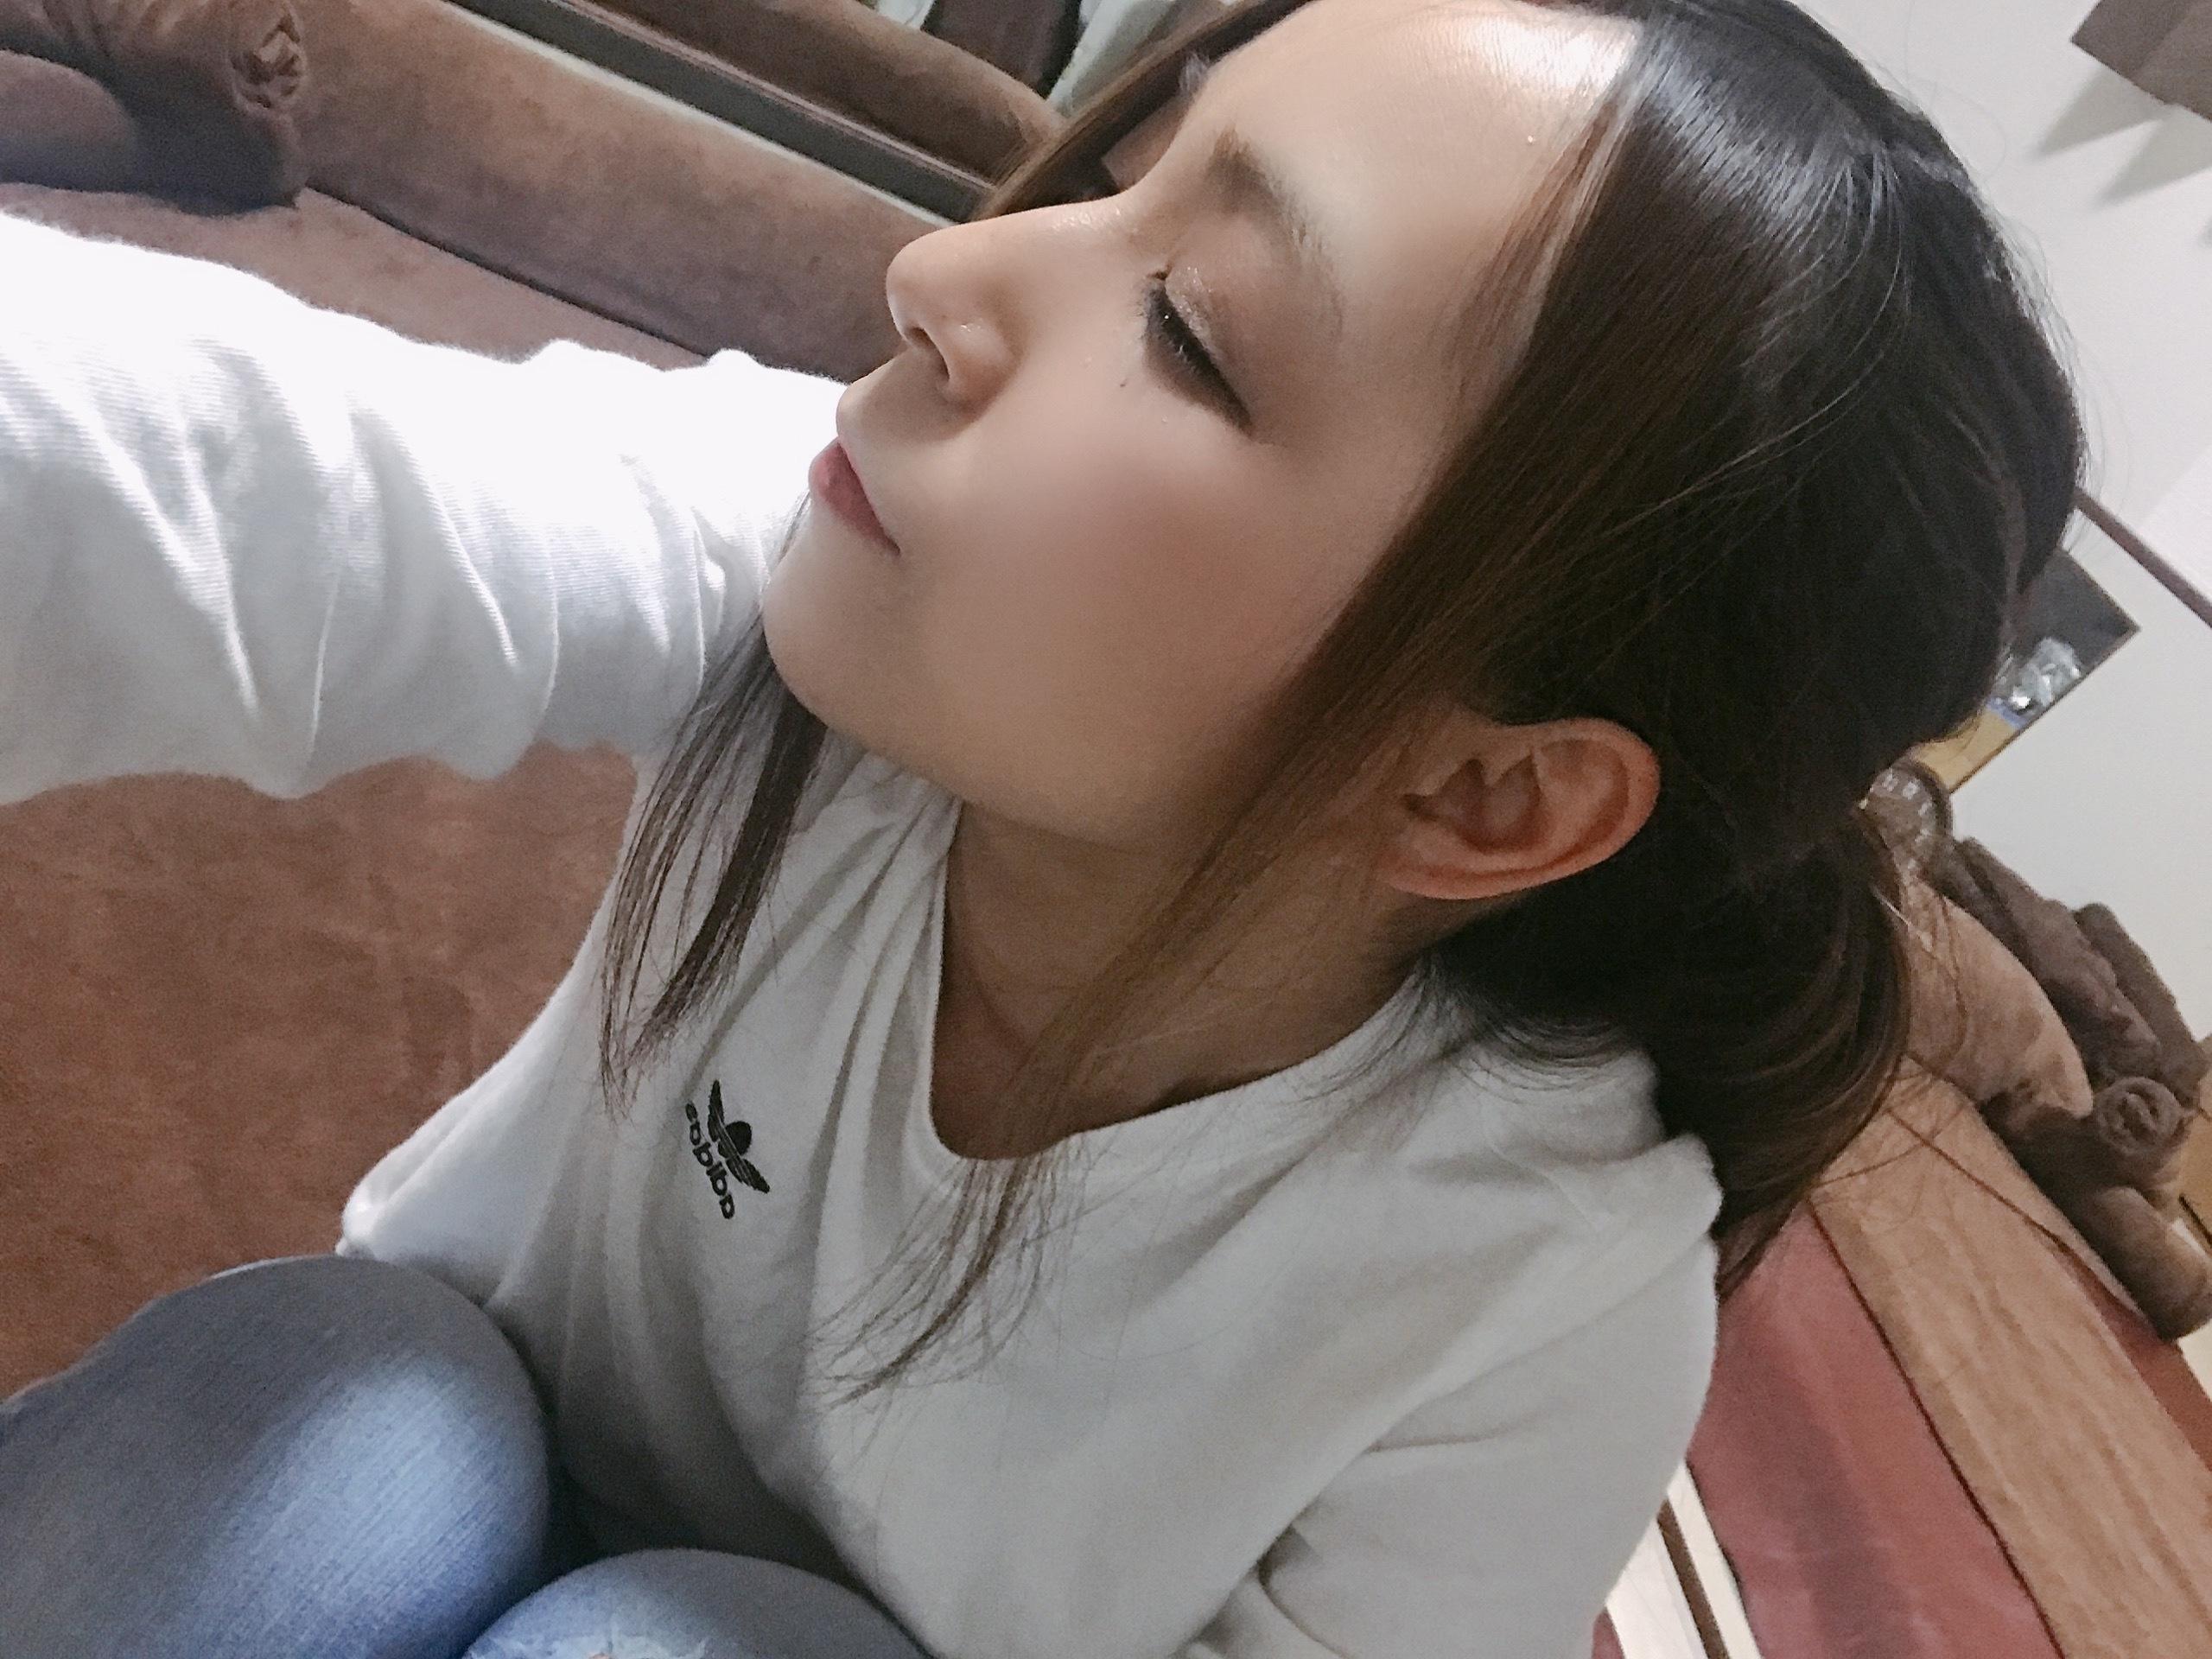 今週もお疲れ様☆〜(ゝ。∂)メイン画像